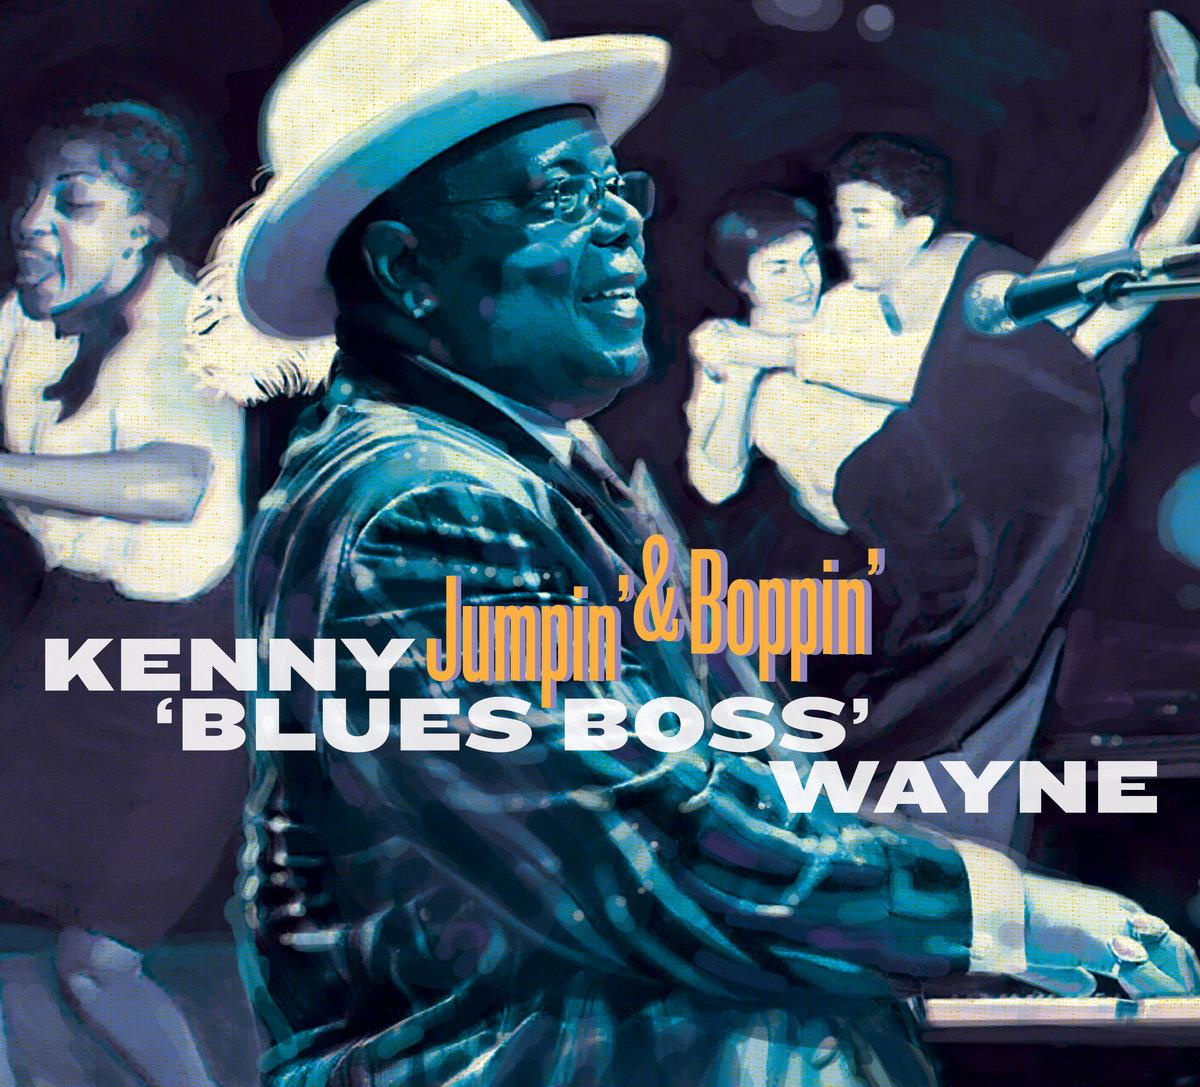 Resultado de imagen de kenny blues boss wayne jumpin & boppin